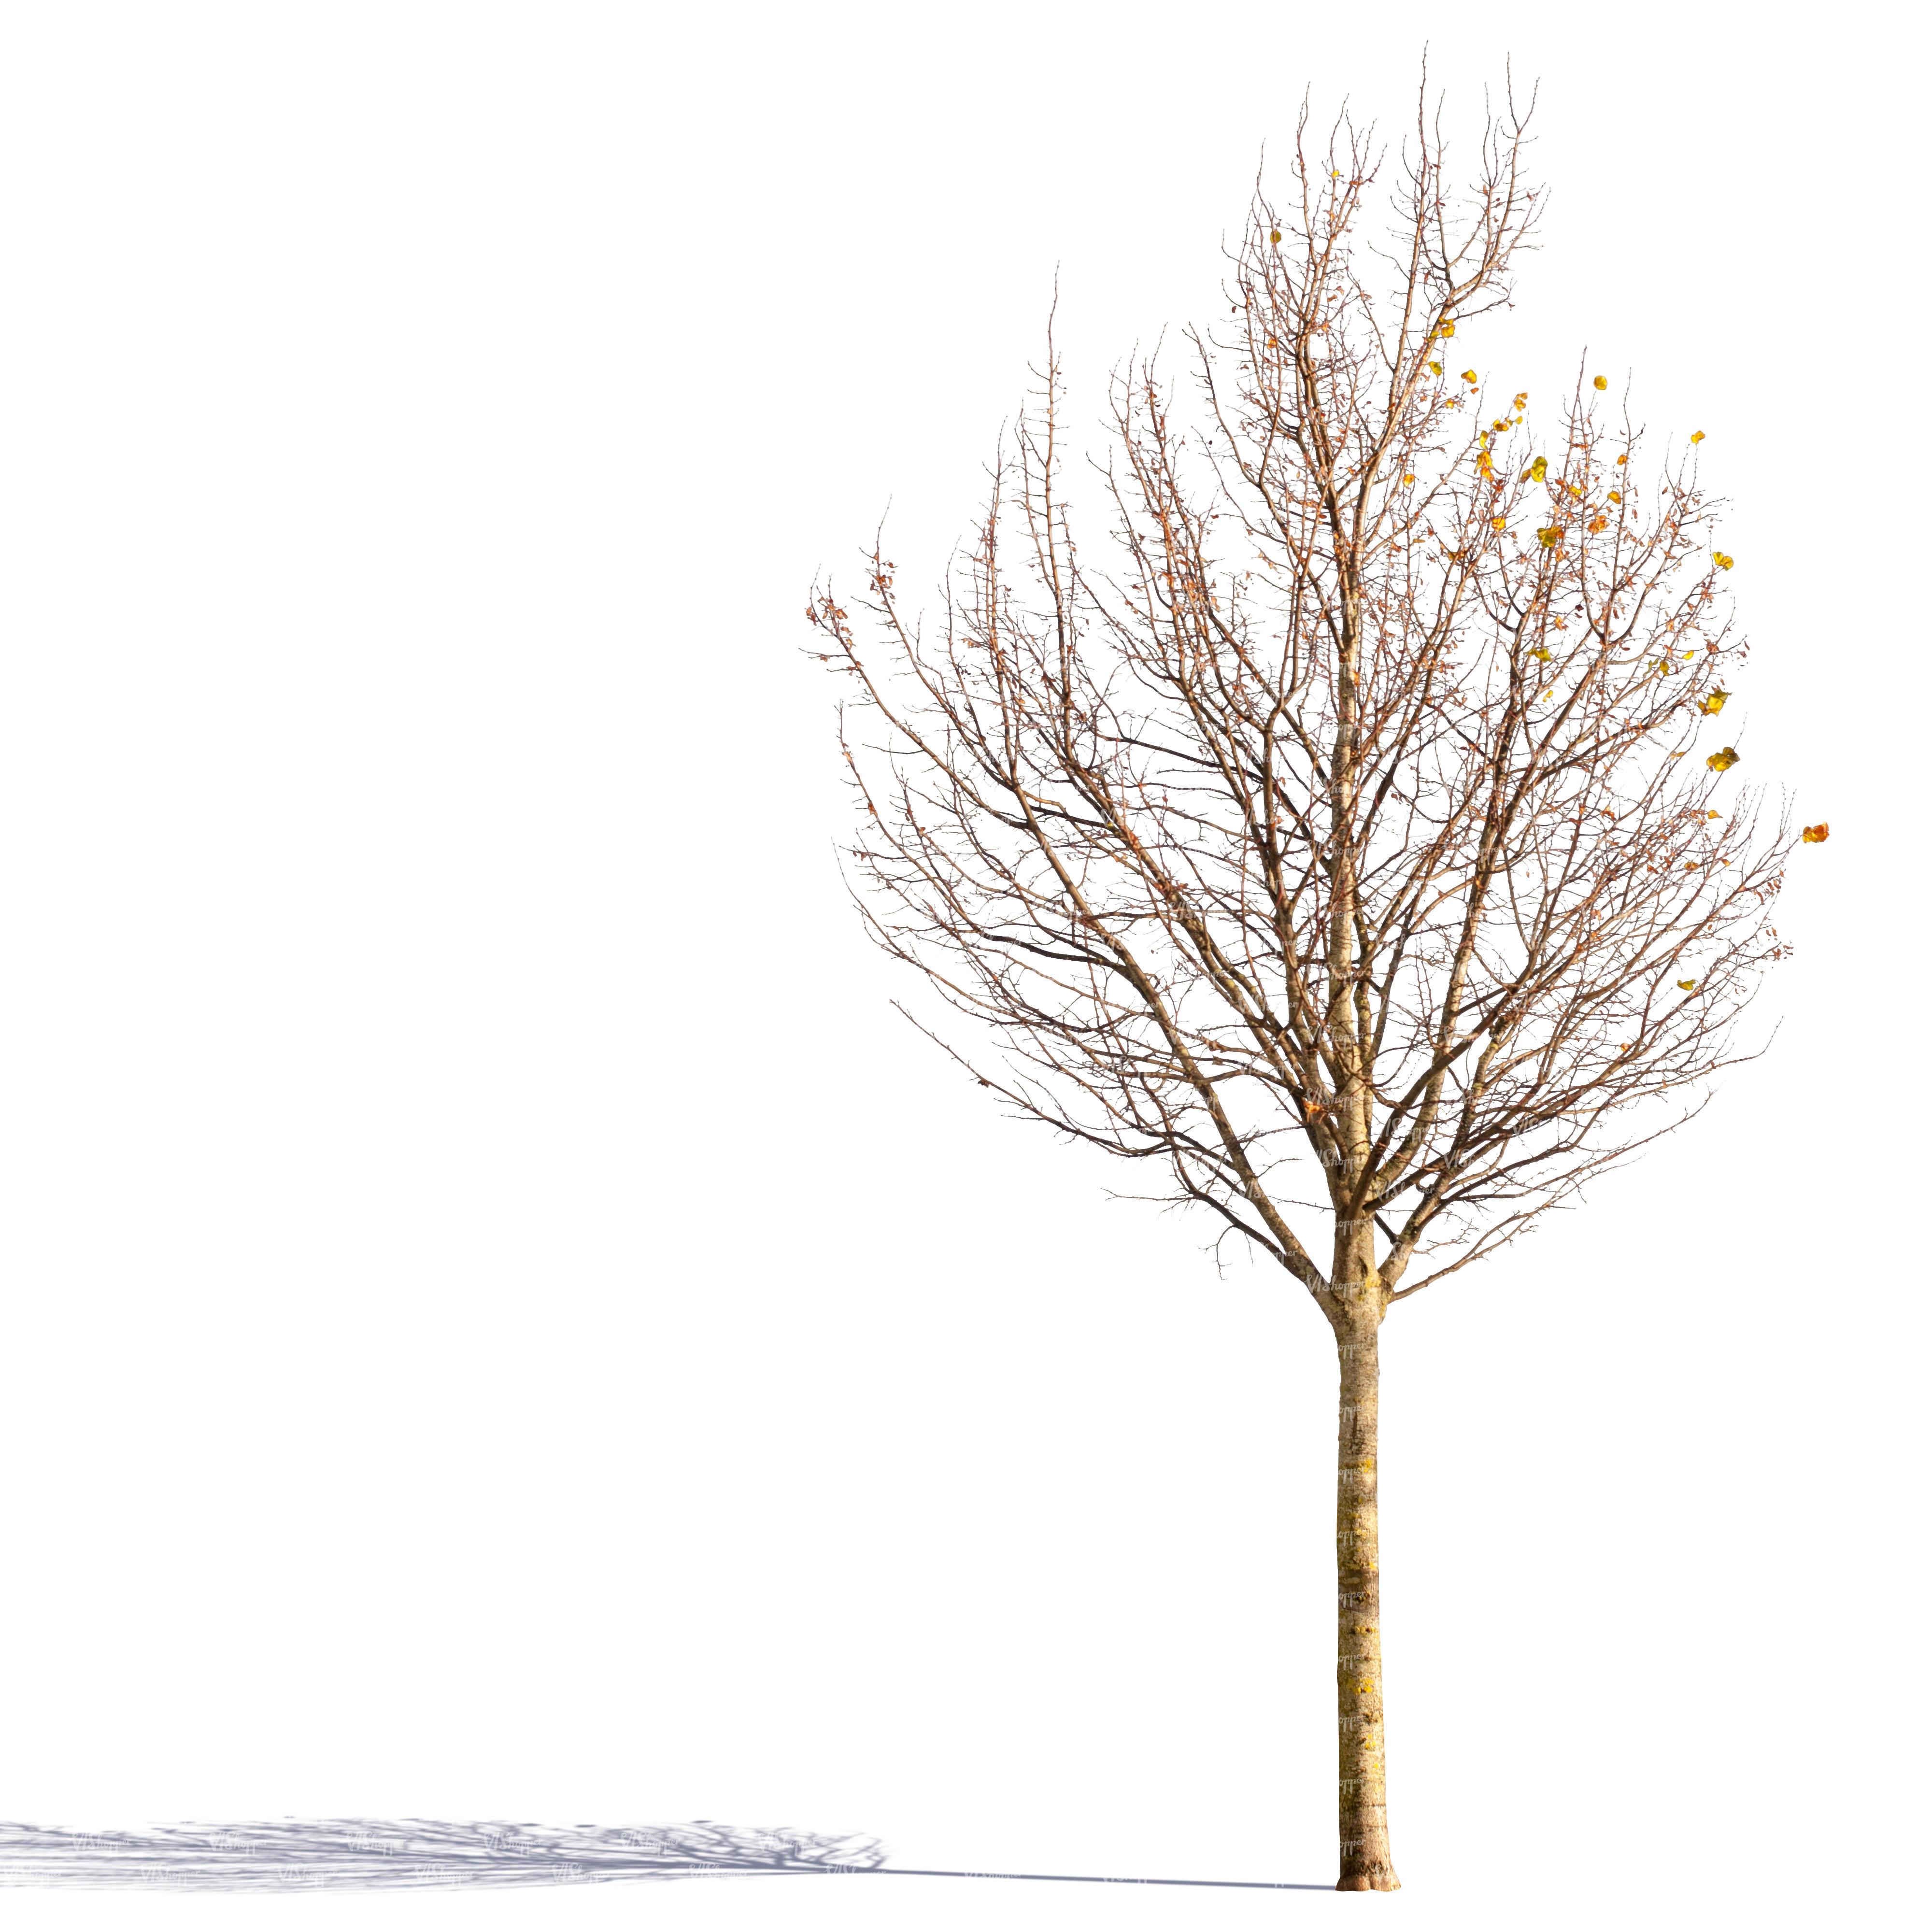 Fullsize Of Tree No Leaves